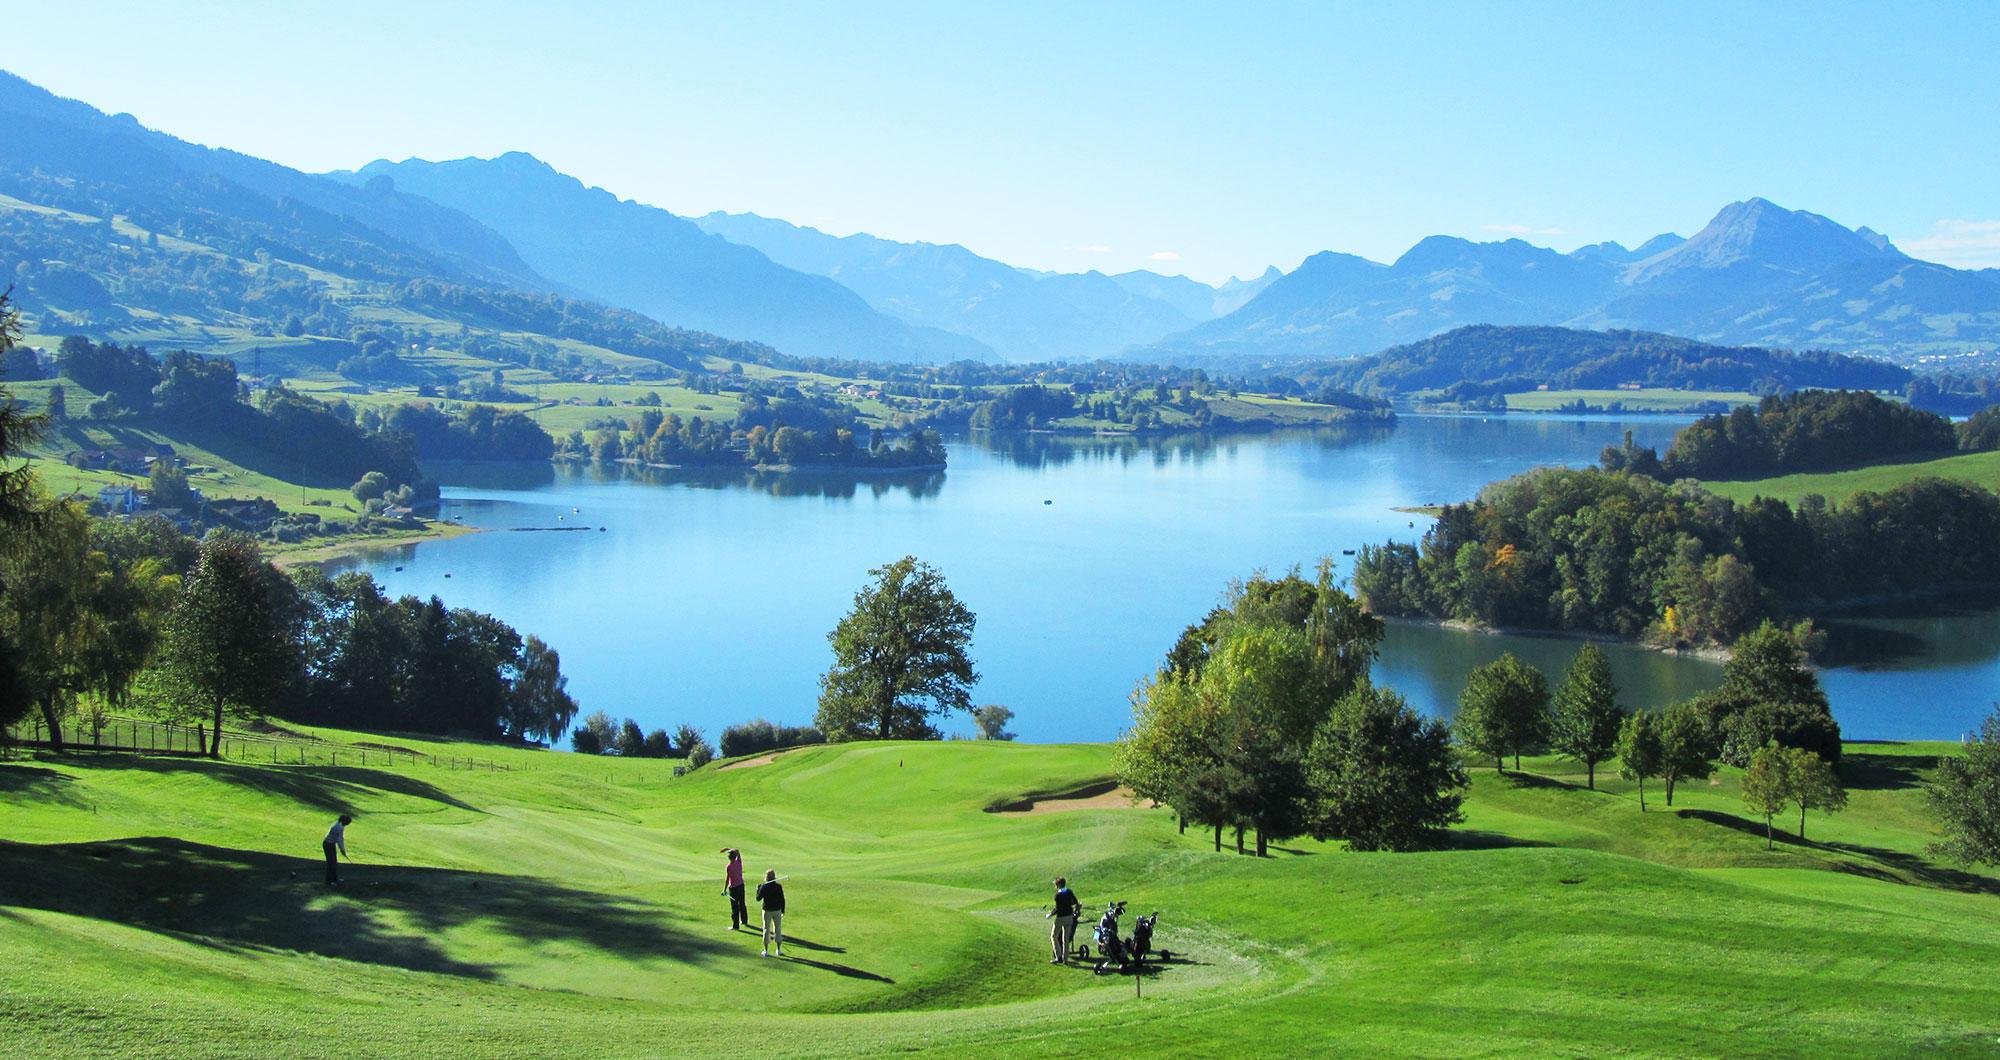 Au Golf Resort La Gruyère, une réalisation de prestige voit le jour pour s'intégrer dans un environnement remarquablement préservé.